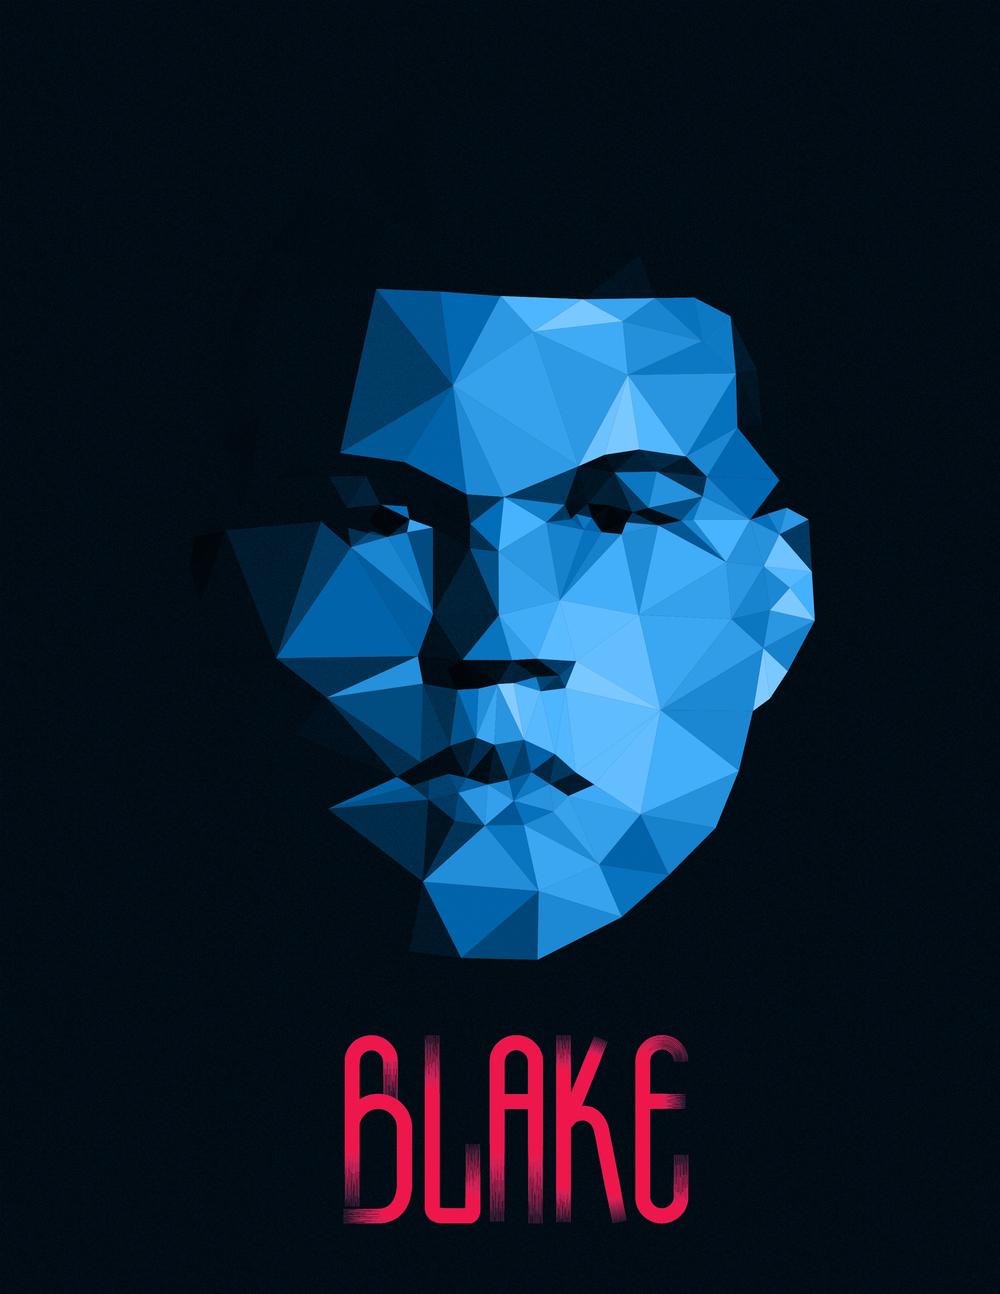 b_blake.jpg